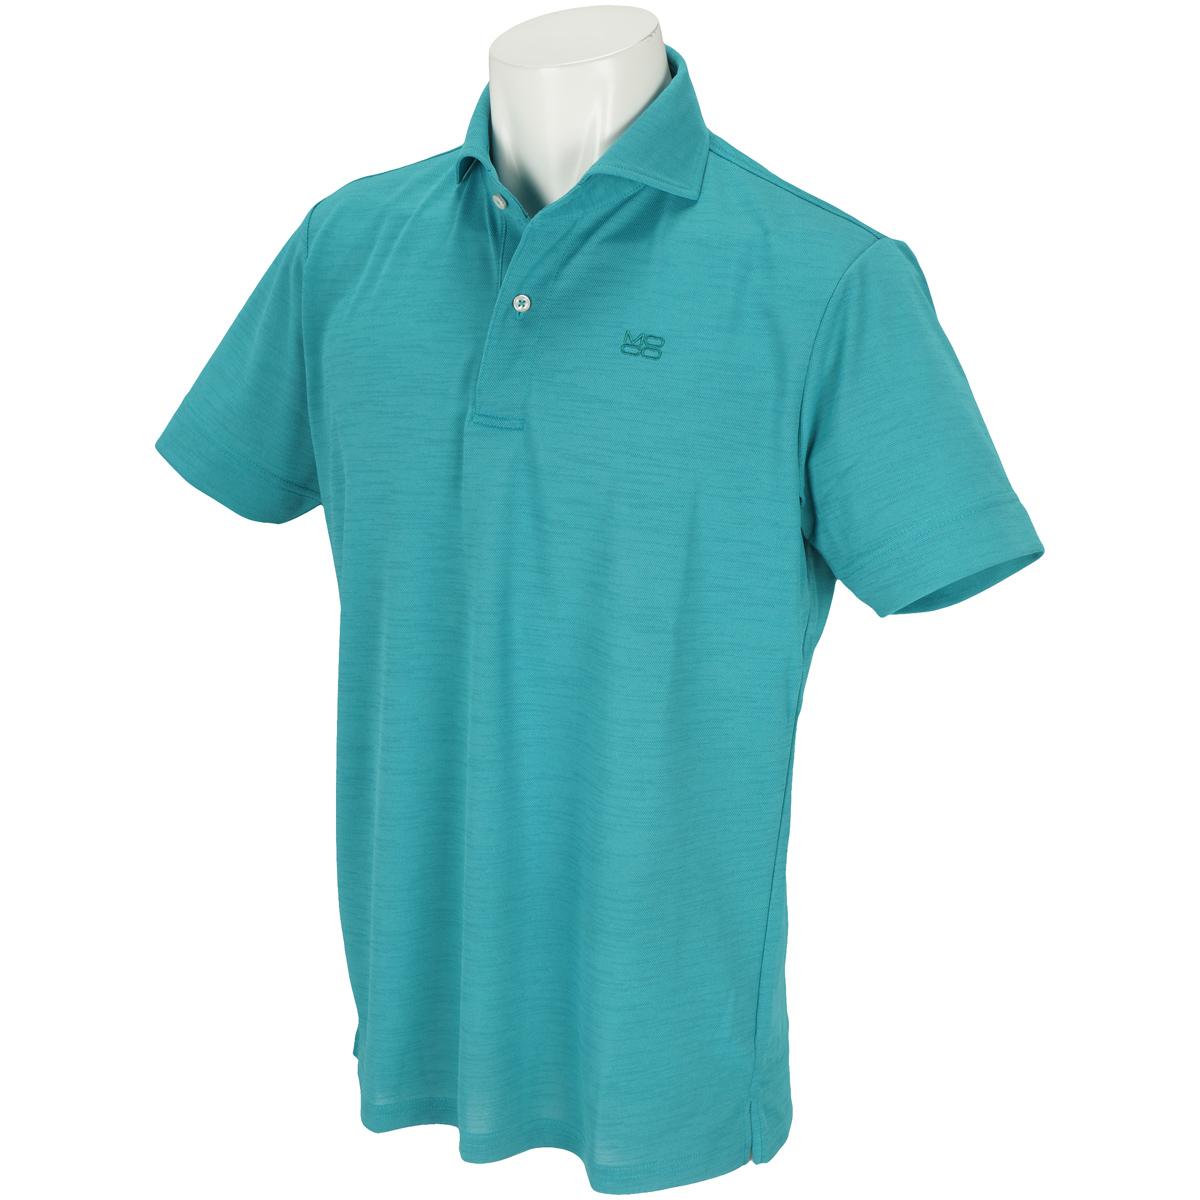 リランチェ鹿の子半袖ポロシャツ